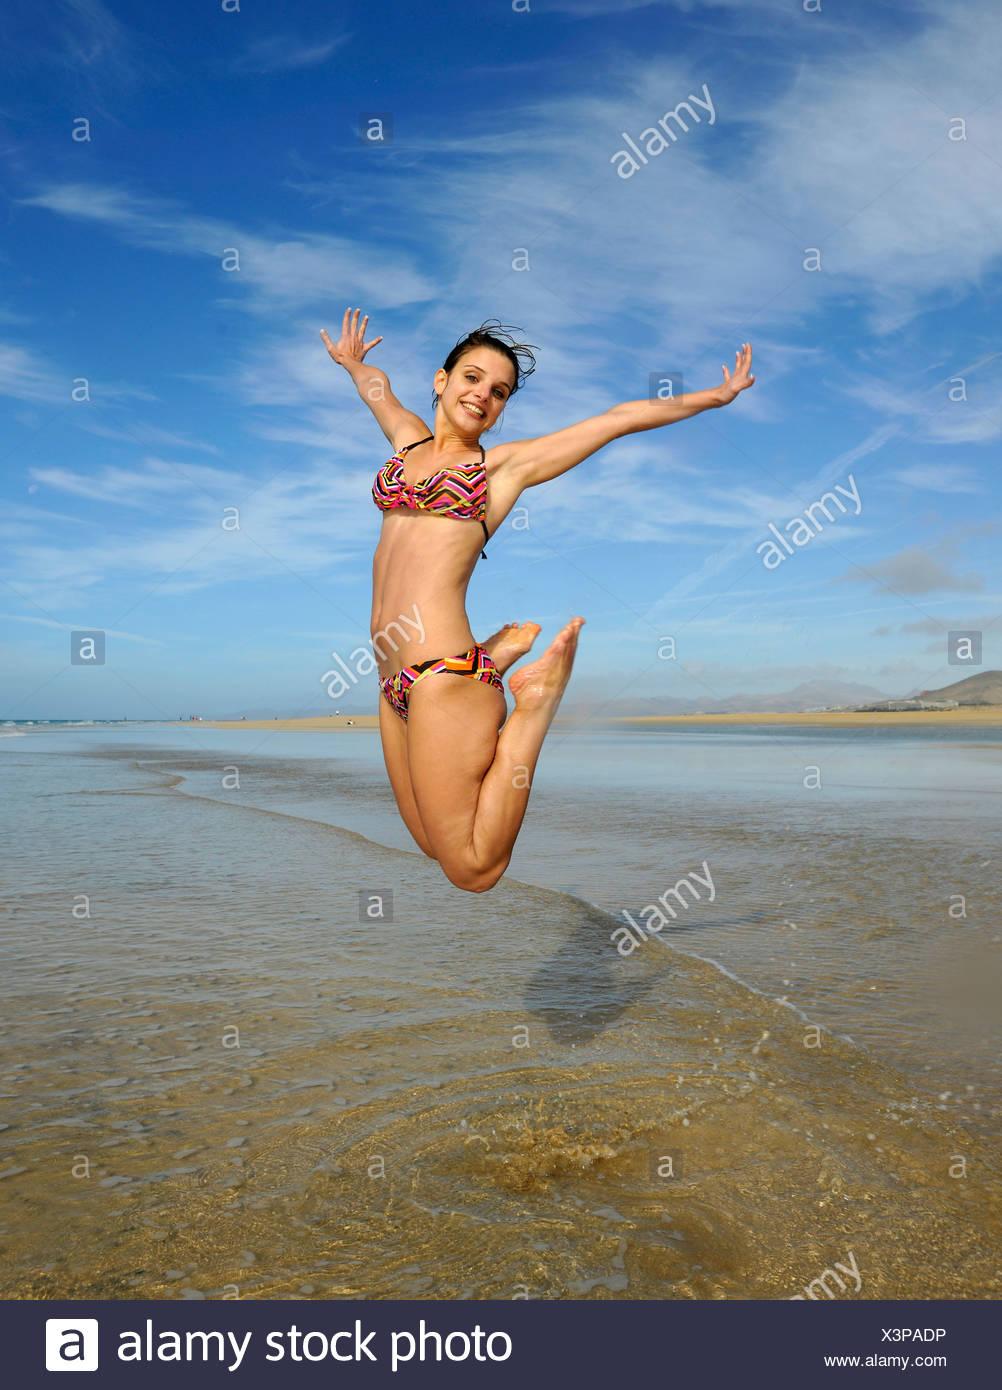 Saut dans l'air, jeune femme de la mer, image symbolique de la vitalité, la soif de vivre, la plage de Sotavento de Jandia beach Photo Stock